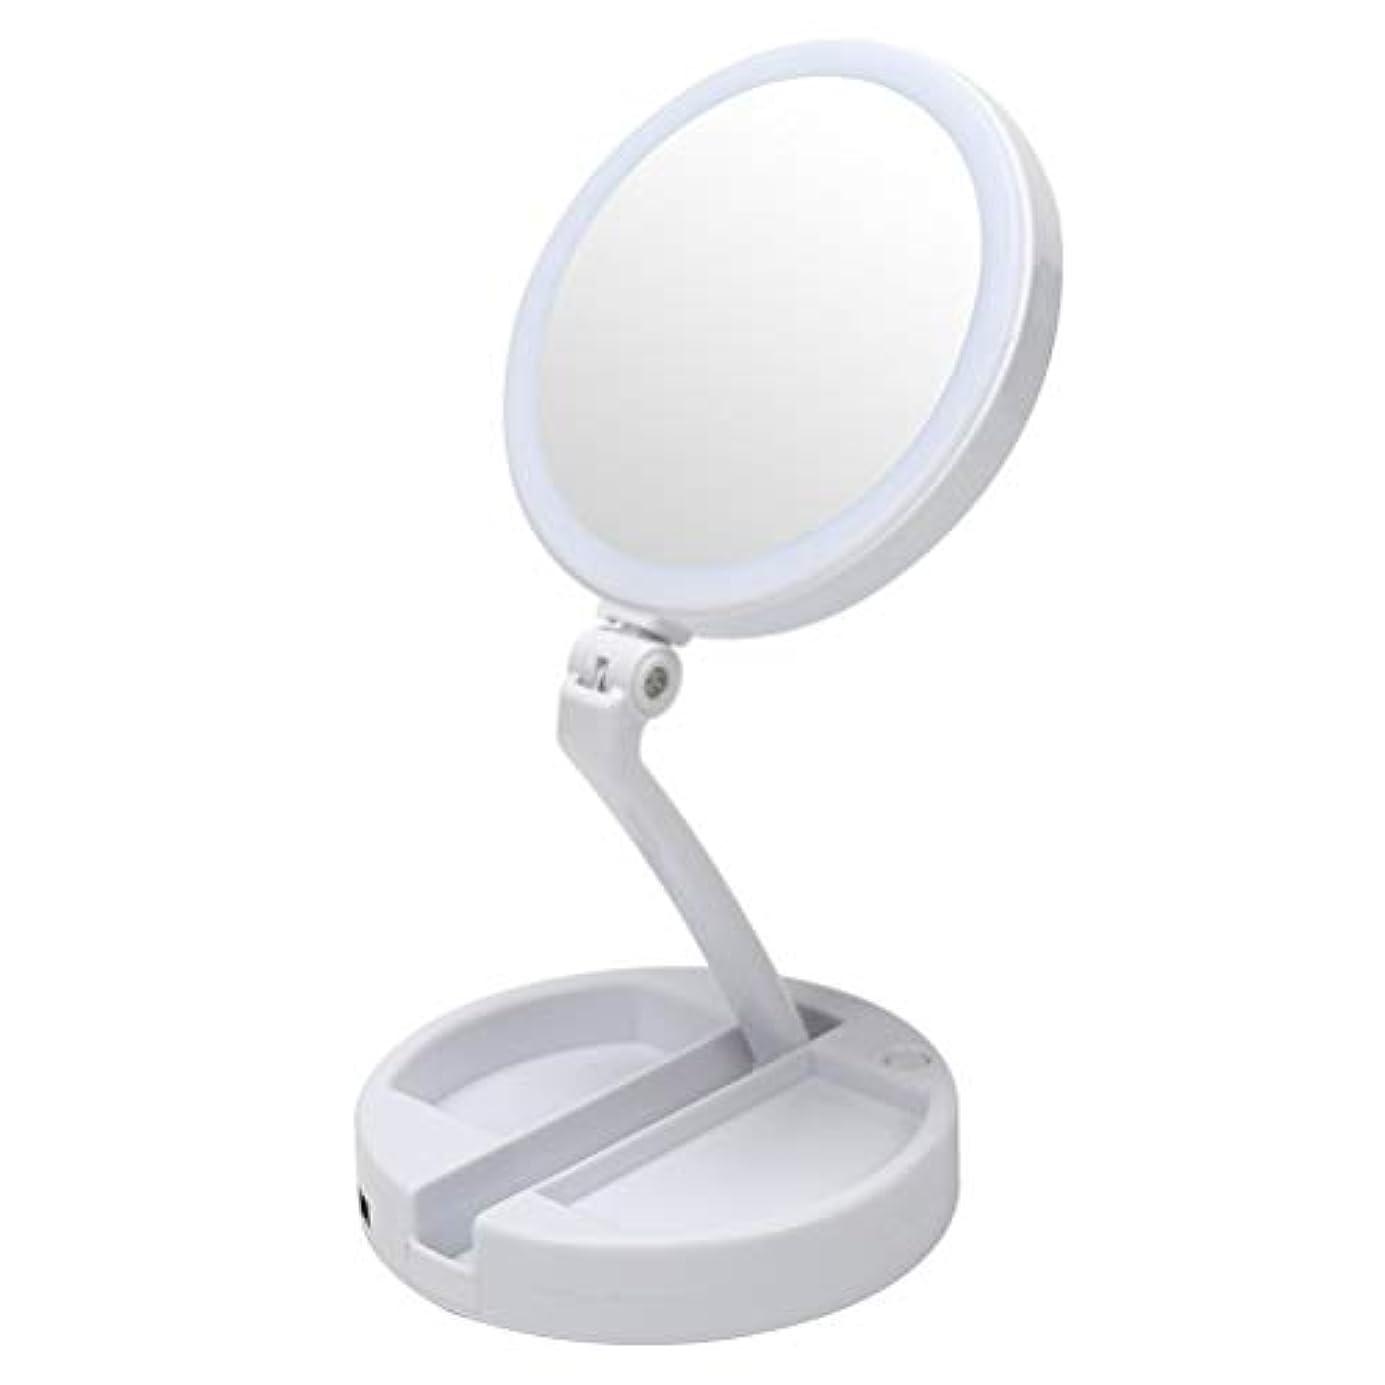 罪実り多い倫理化粧鏡 LEDライト付き 等倍と10倍の拡大鏡付き 折りたたみ式 電池&USB充電 角度調節が可能 無段階調光 コンパクト 卓上ミラー 小物置き付き